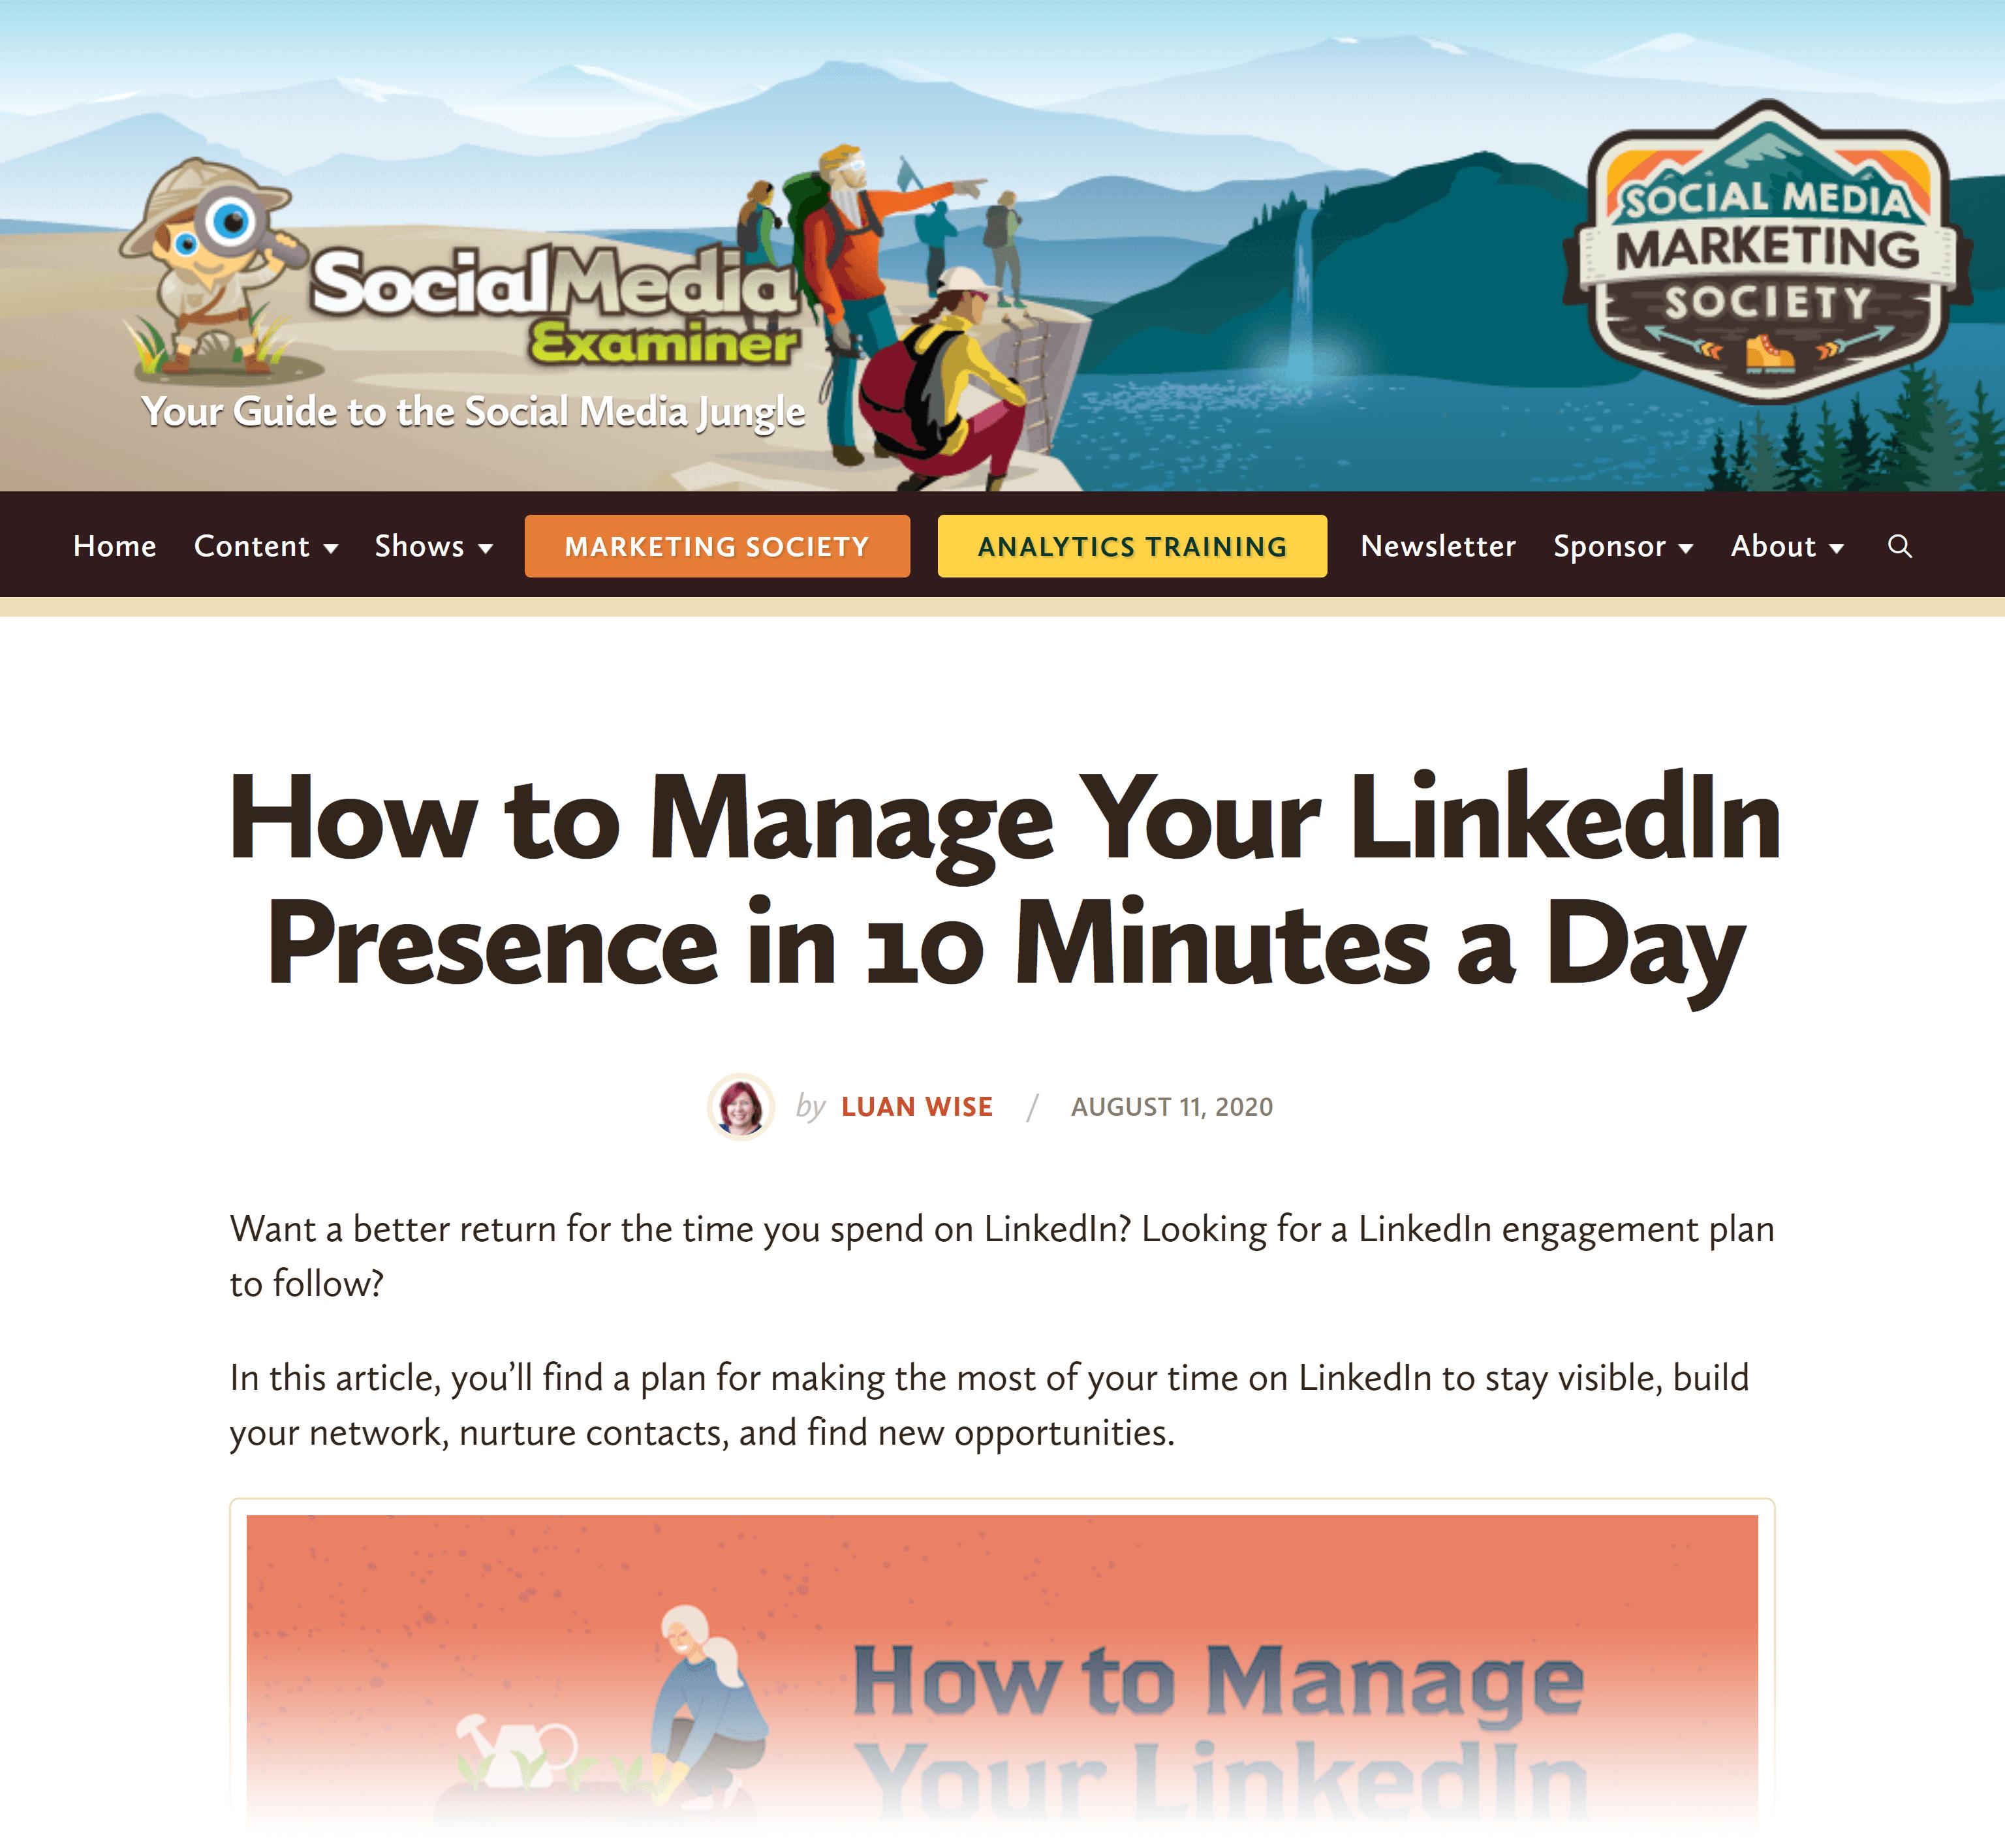 Social Media Examiner – How to manage LinkedIn presence